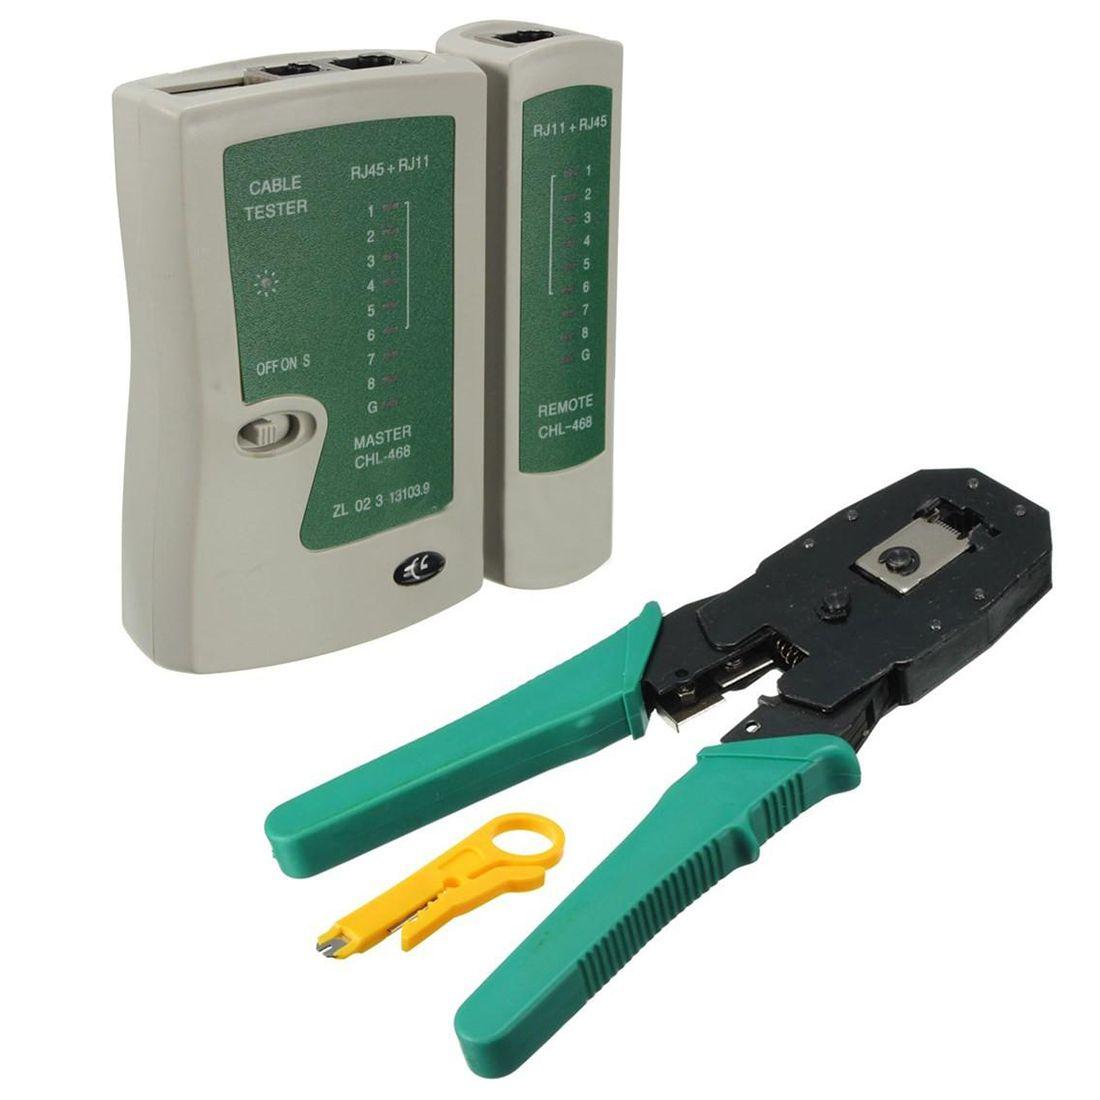 Testeur de câble réseau professionnel Lan rj45 rj11 avec sertissage de câble métallique outils à main réseau PC Herramientas